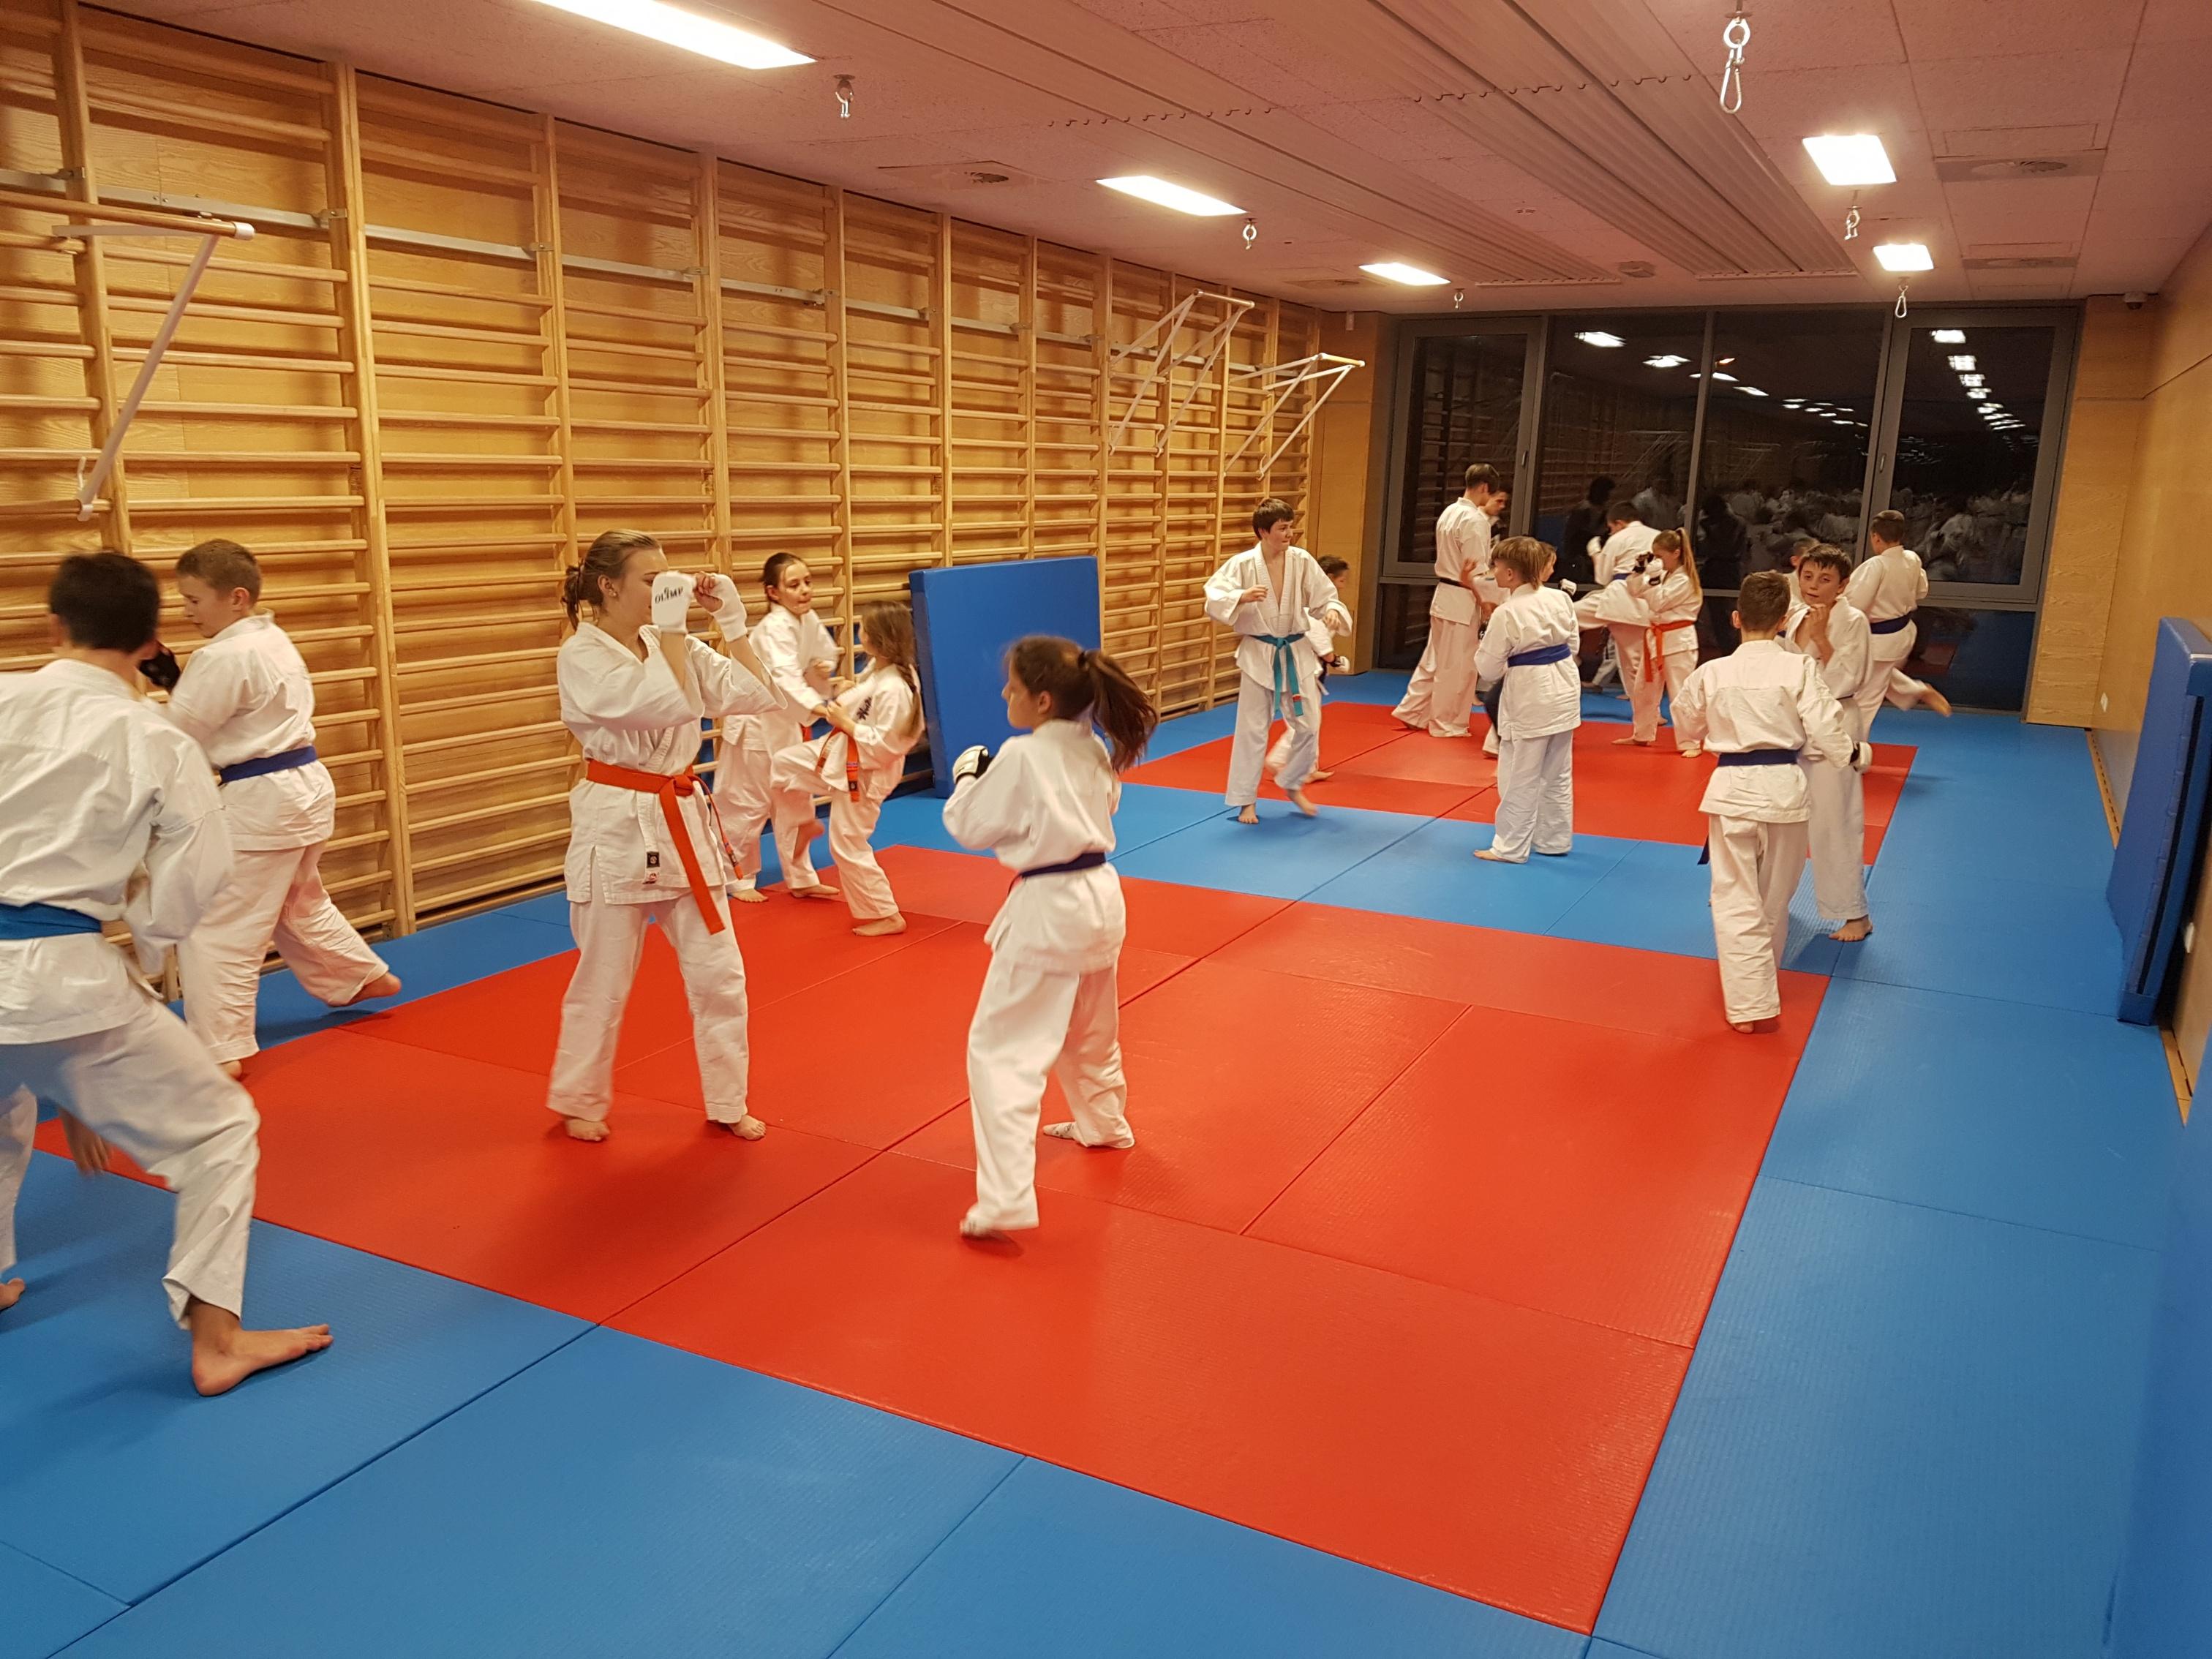 wspólny trening bkkk i tkkk_7.jpg